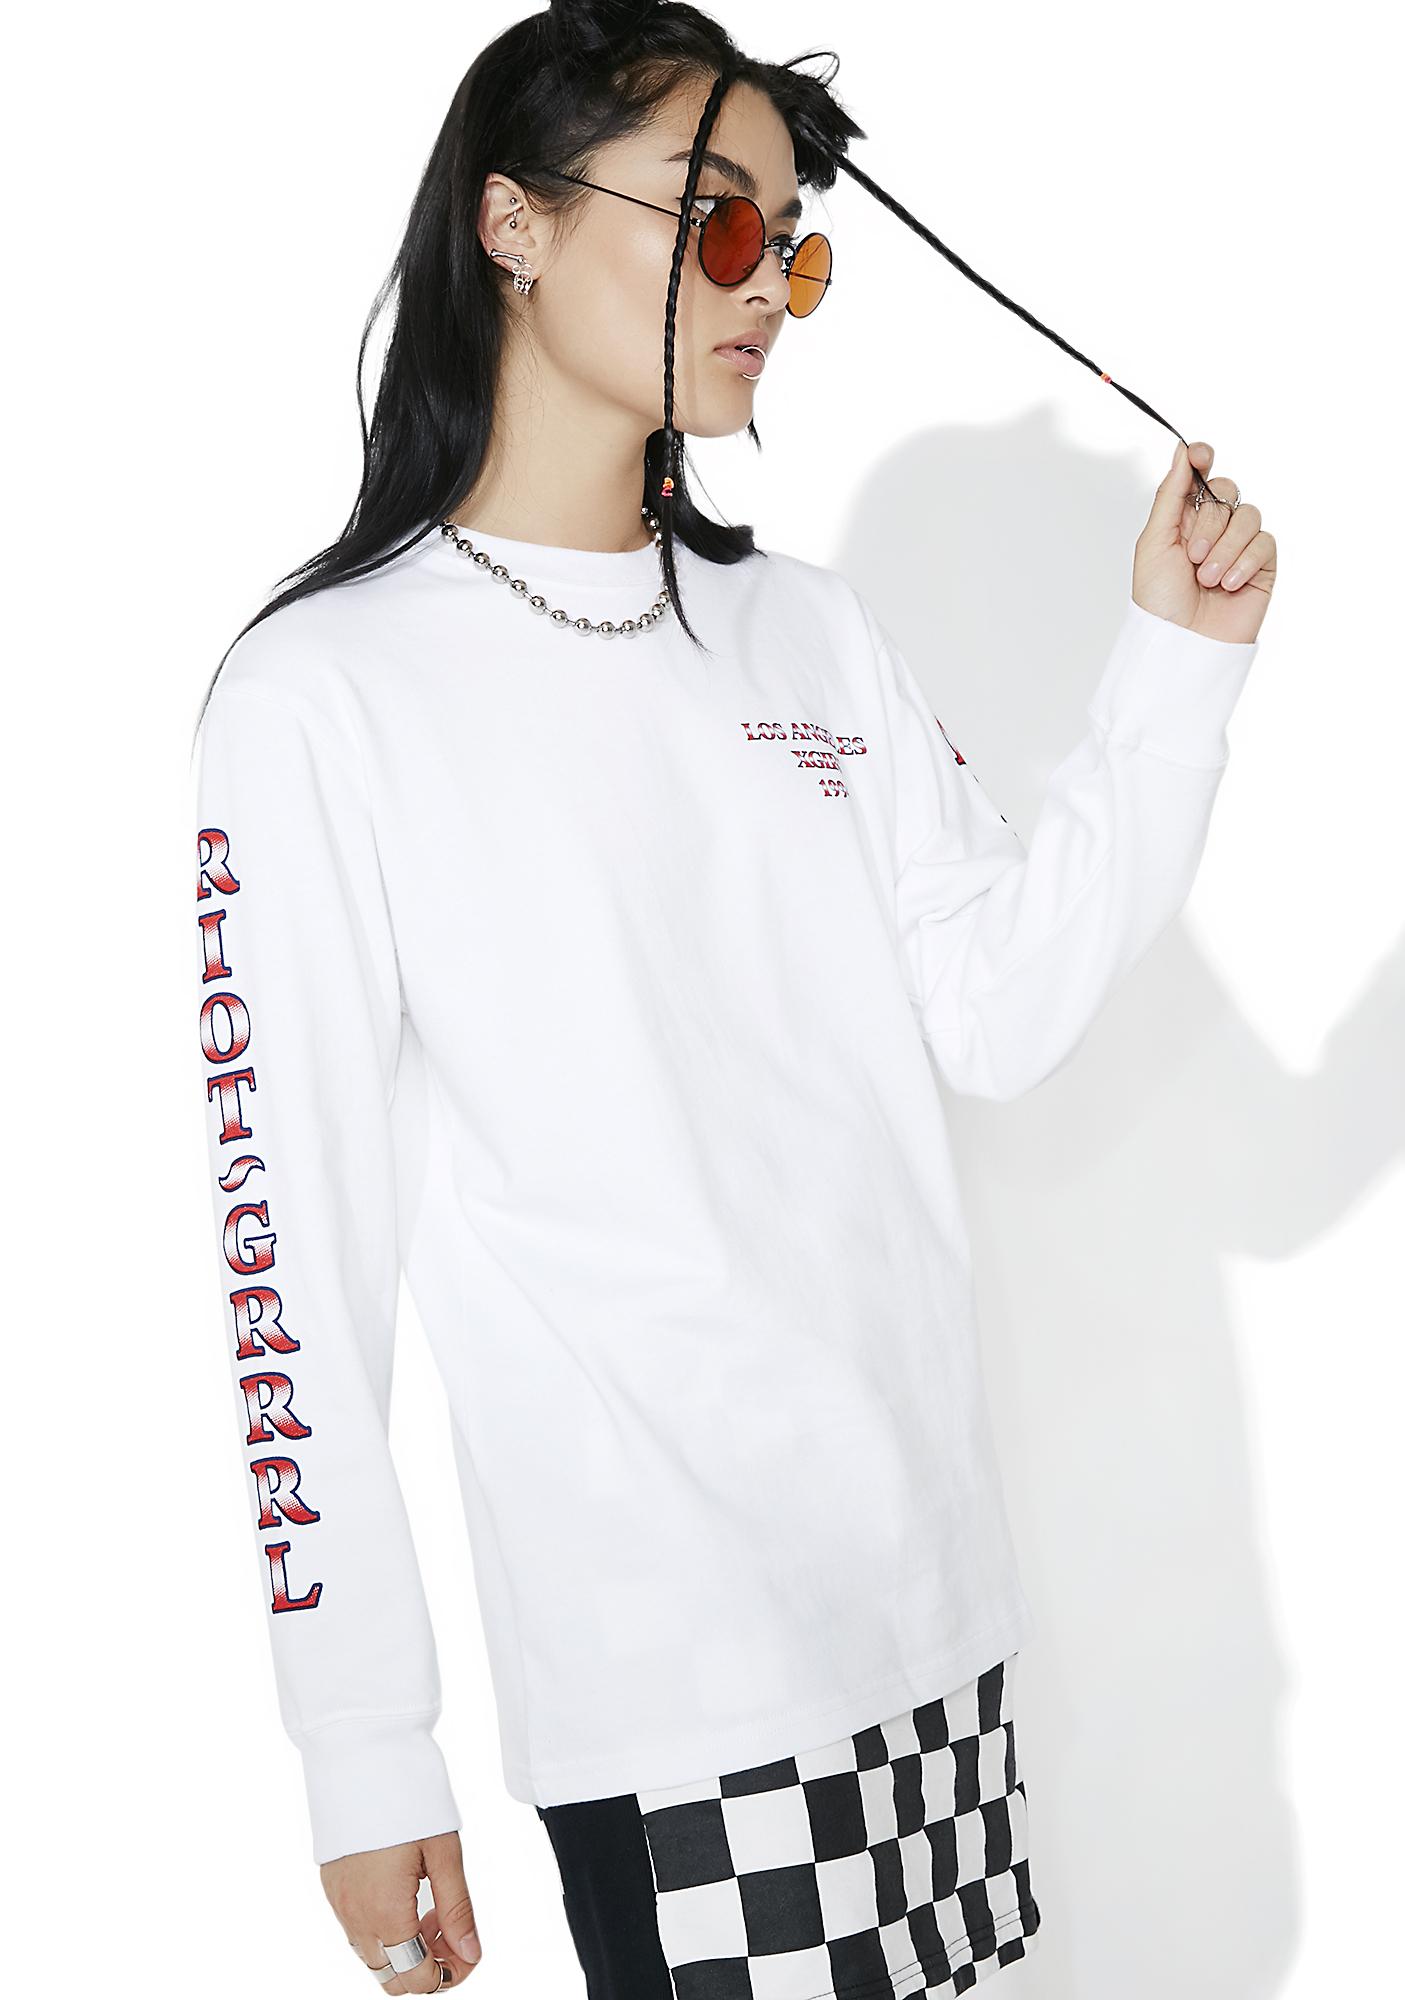 x-Girl Riot Grrl Long Sleeve Tee